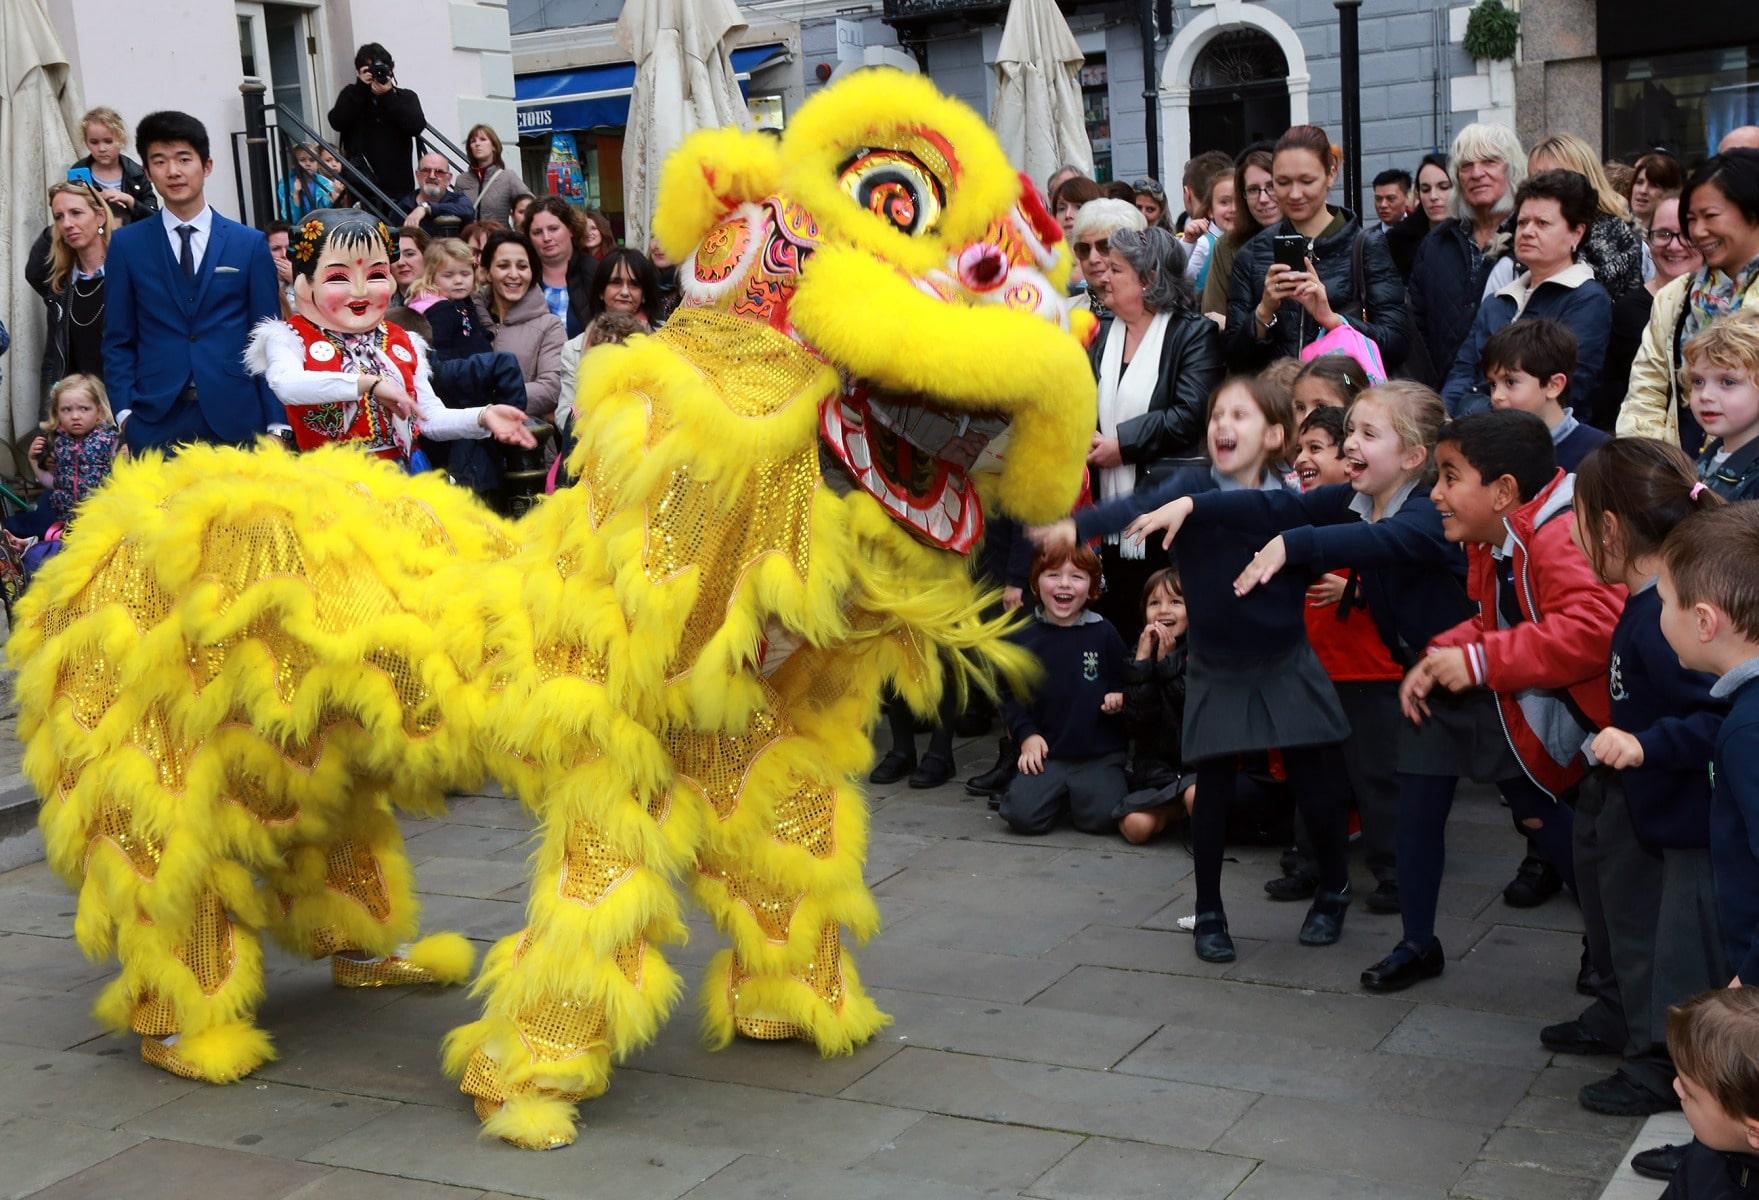 10-feb-2016-celebracin-en-gibraltar-del-ao-nuevo-chino-15_24941101505_o